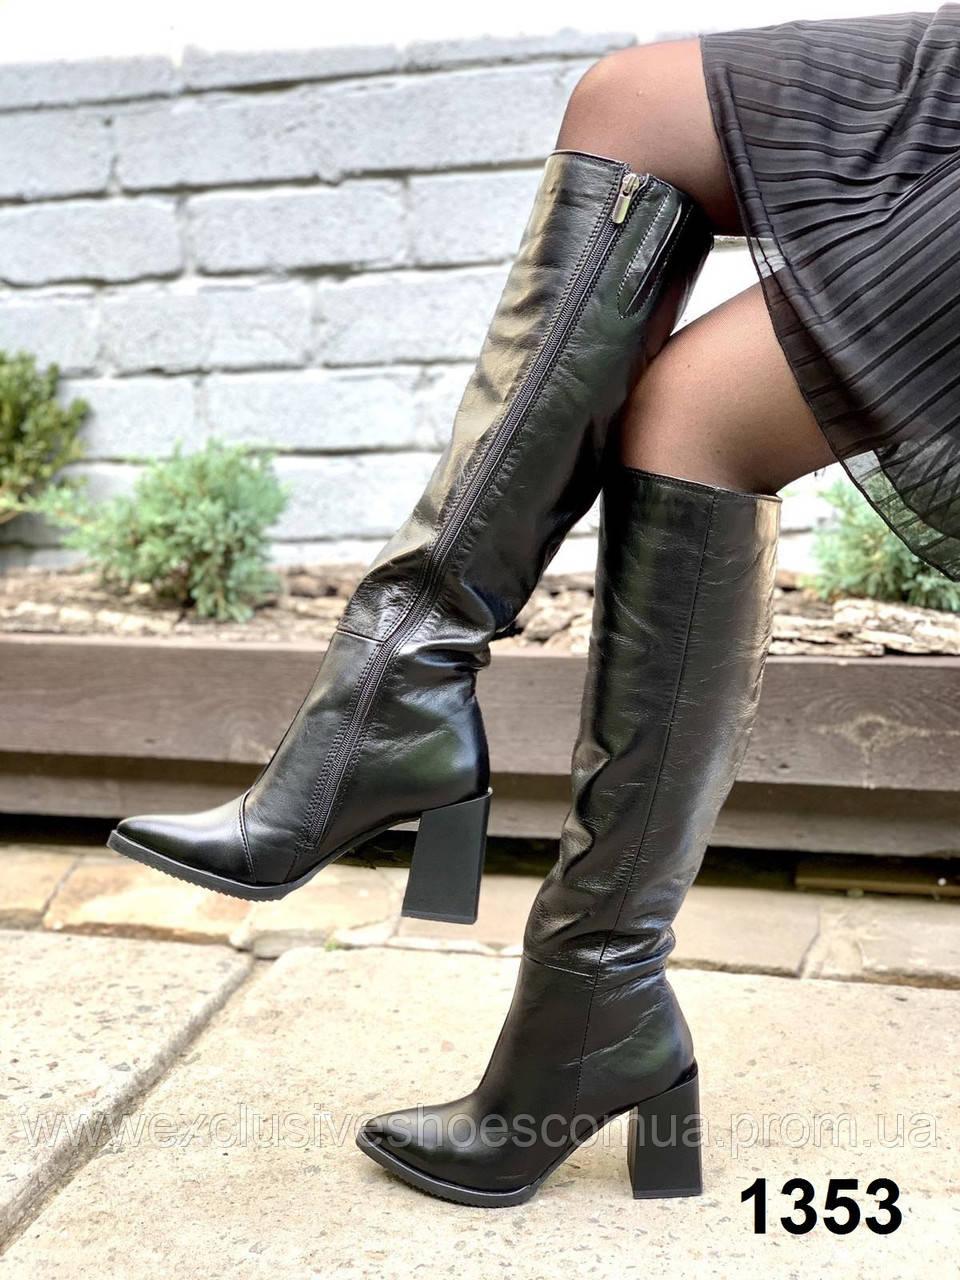 Сапоги женские деми кожаные черные на каблуке